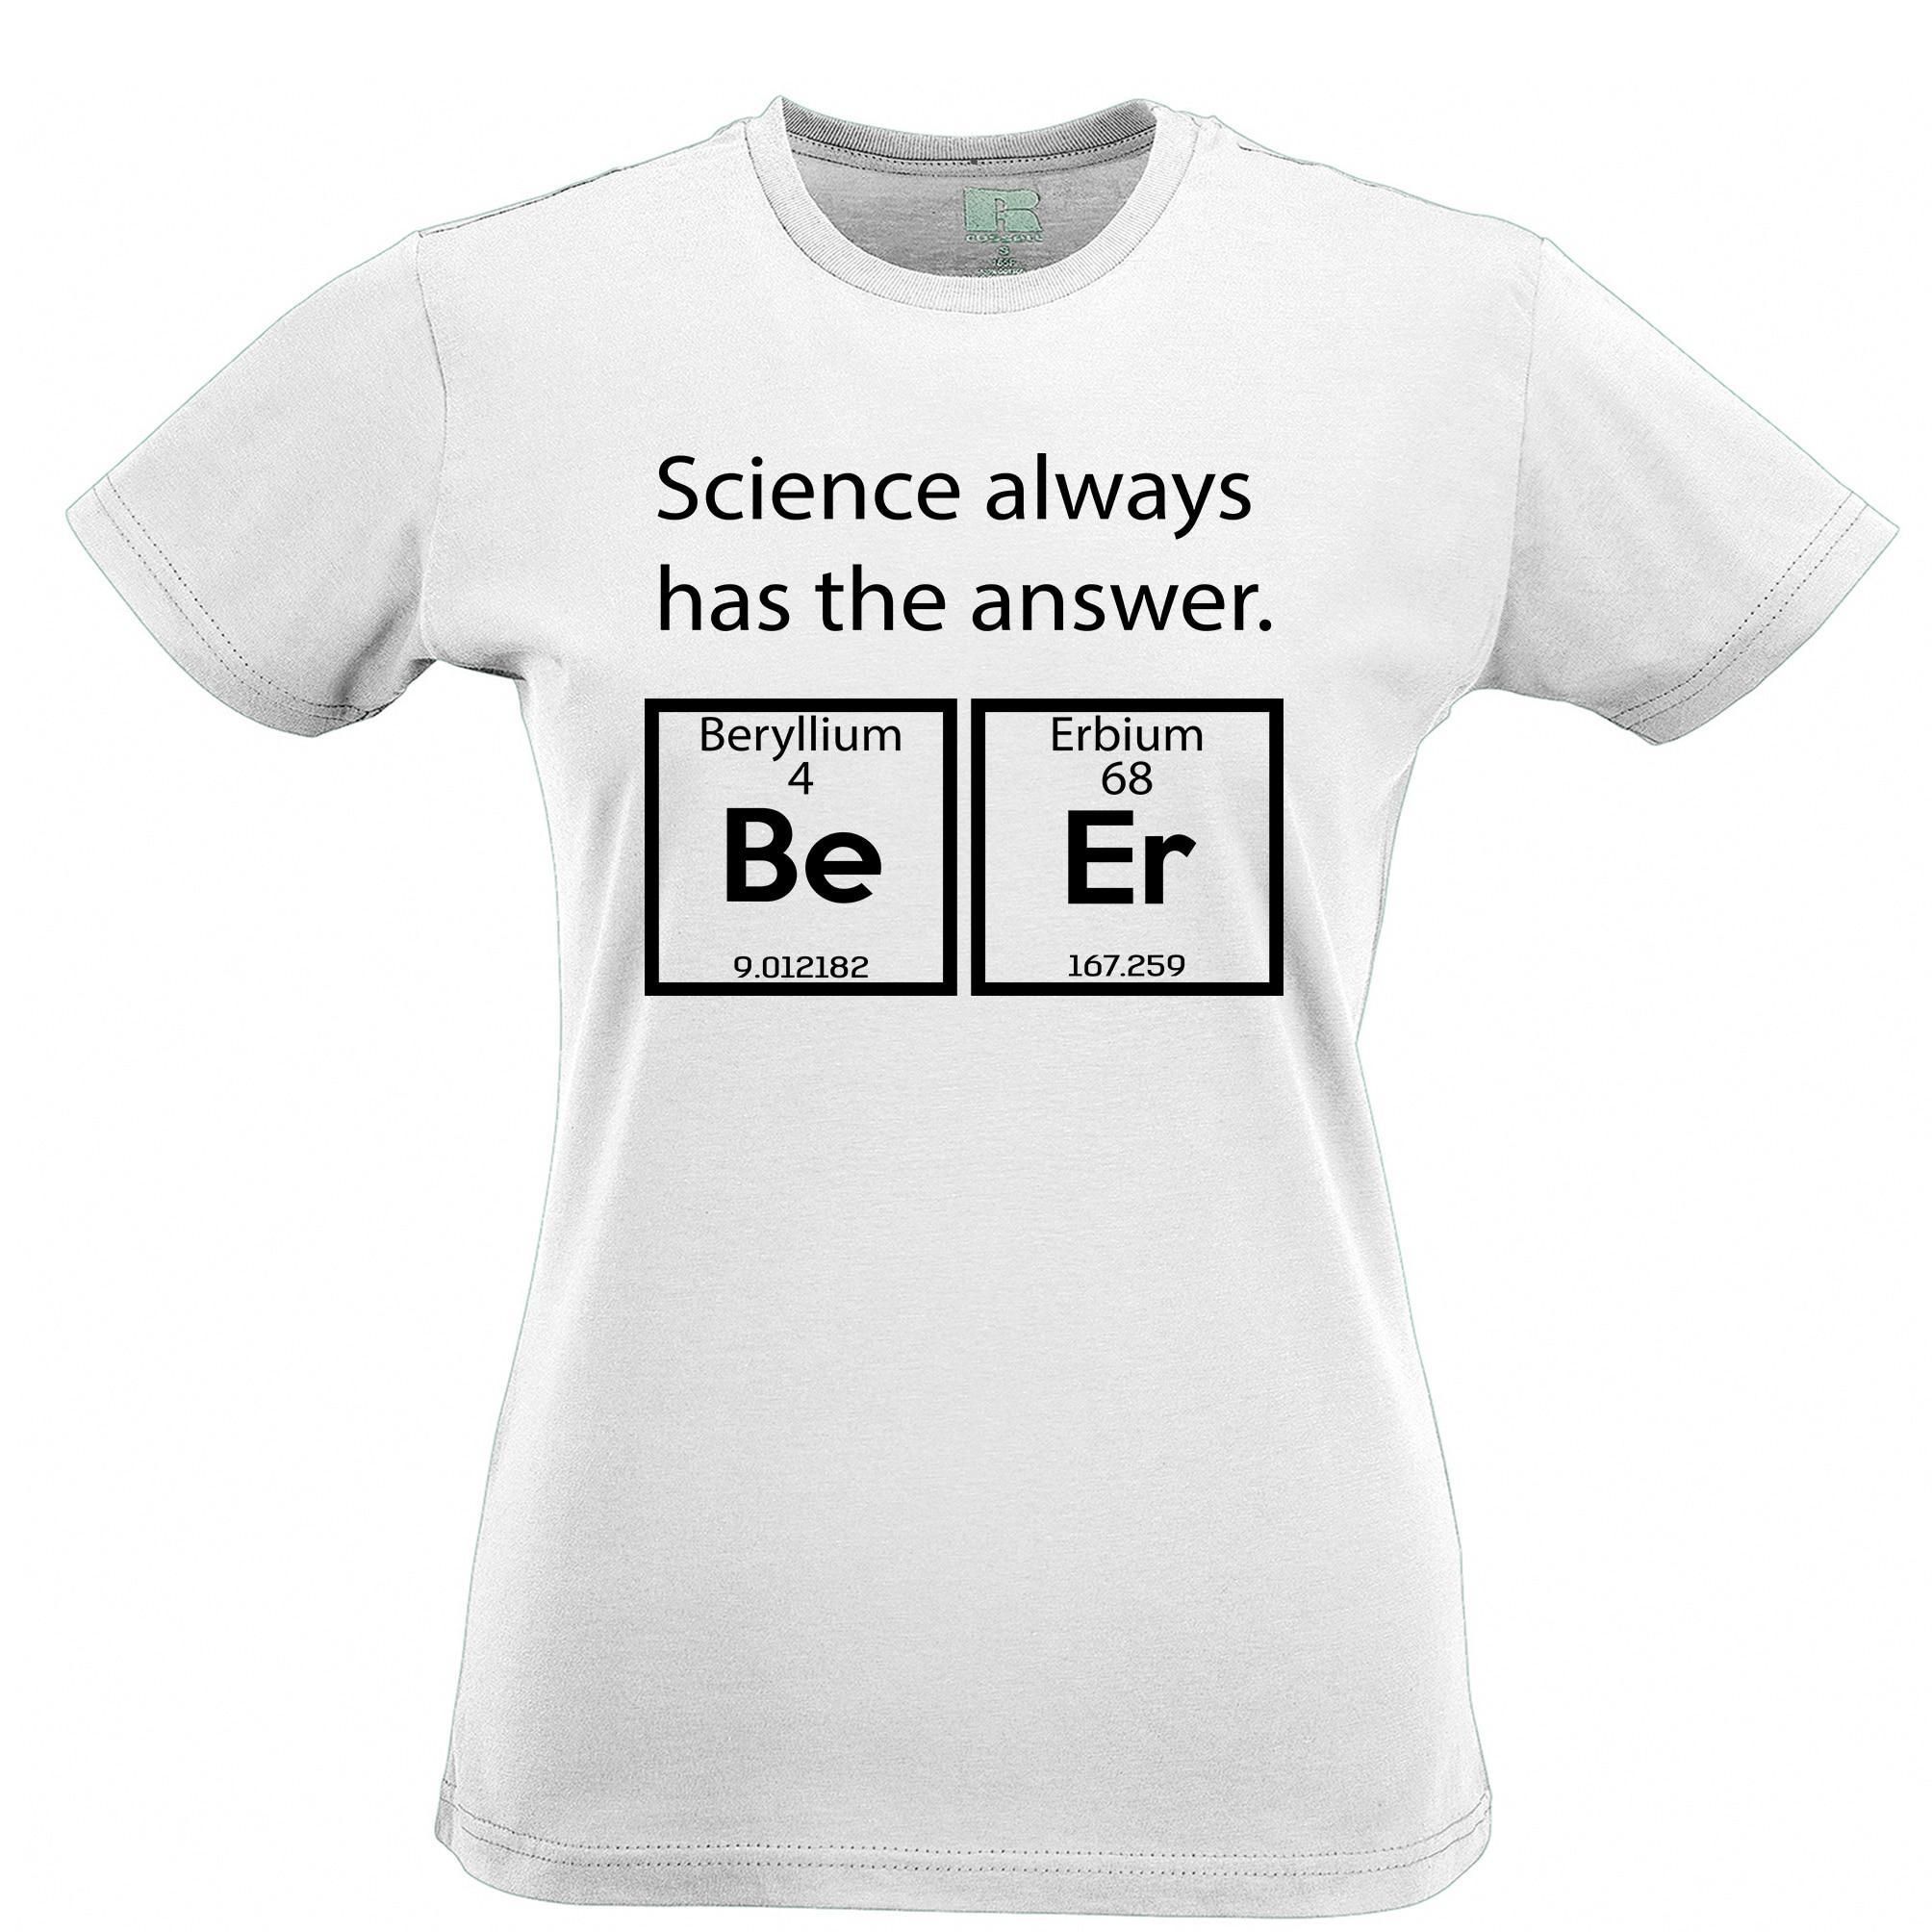 เบริลเลียมเออร์เบียมเบียร์เสื้อยืดสหราชอาณาจักรสีและขนาดชายและหญิงตลกเย็นและราคาถูก|beer  t shirts|t shirtbeer shirt - AliExpress